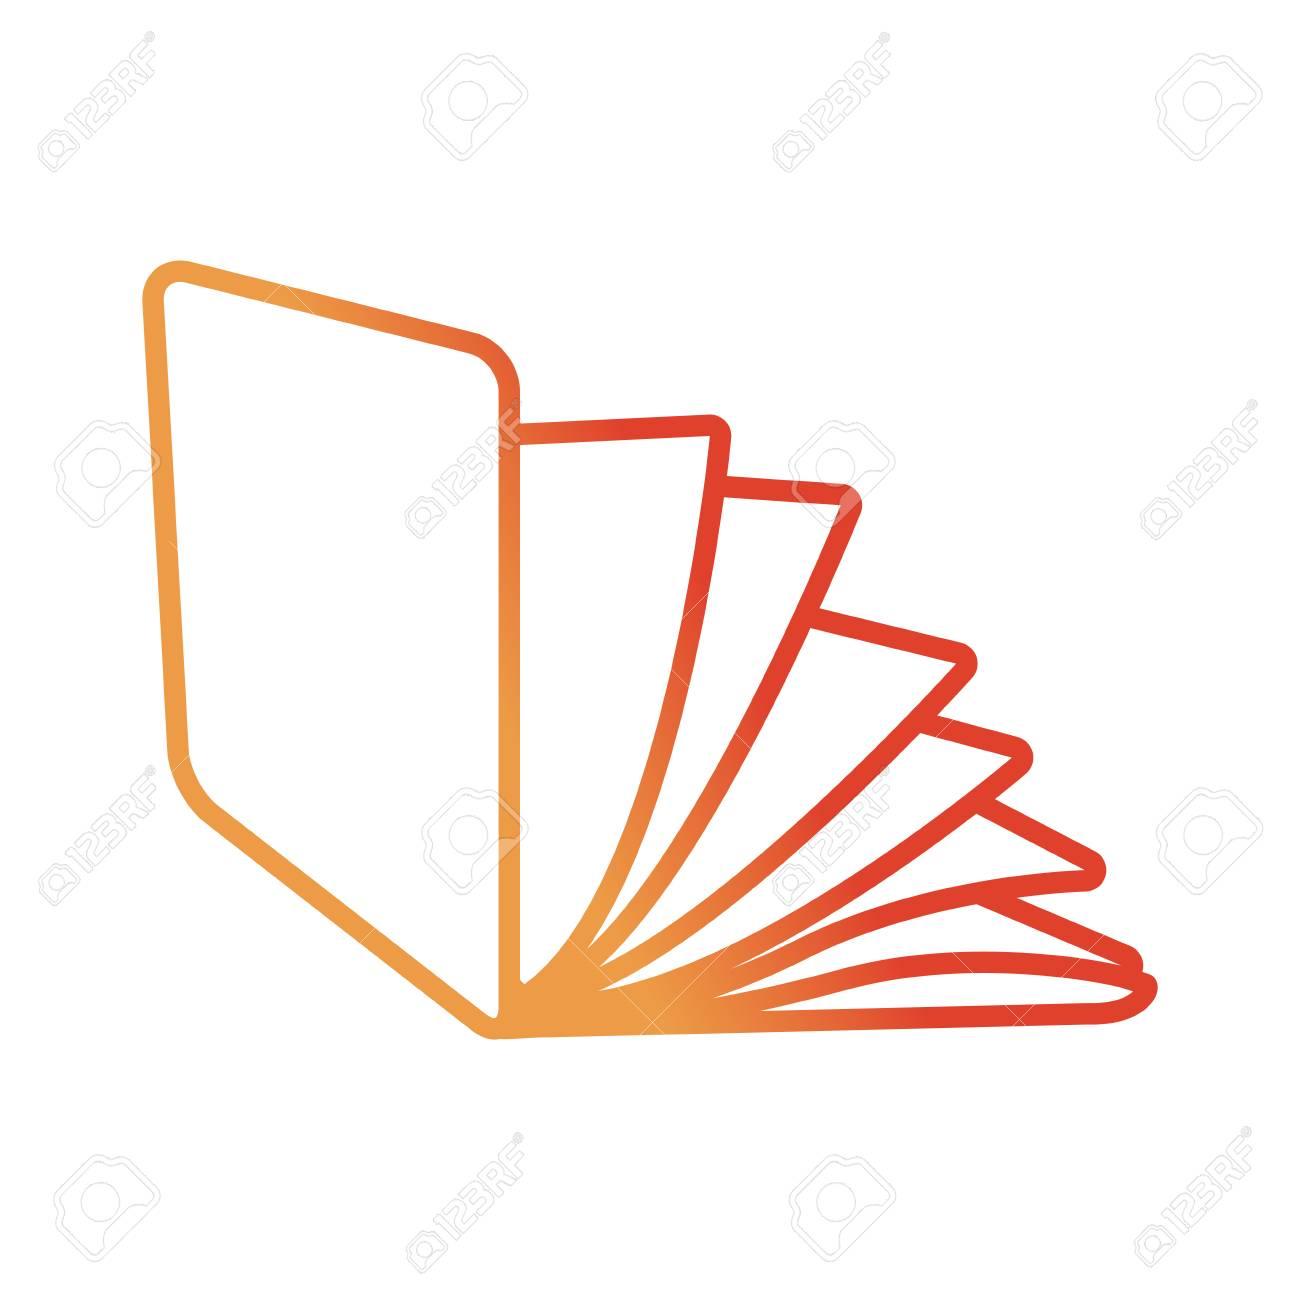 Dorable El Libro De Color Morado En Línea Composición - Dibujos Para ...